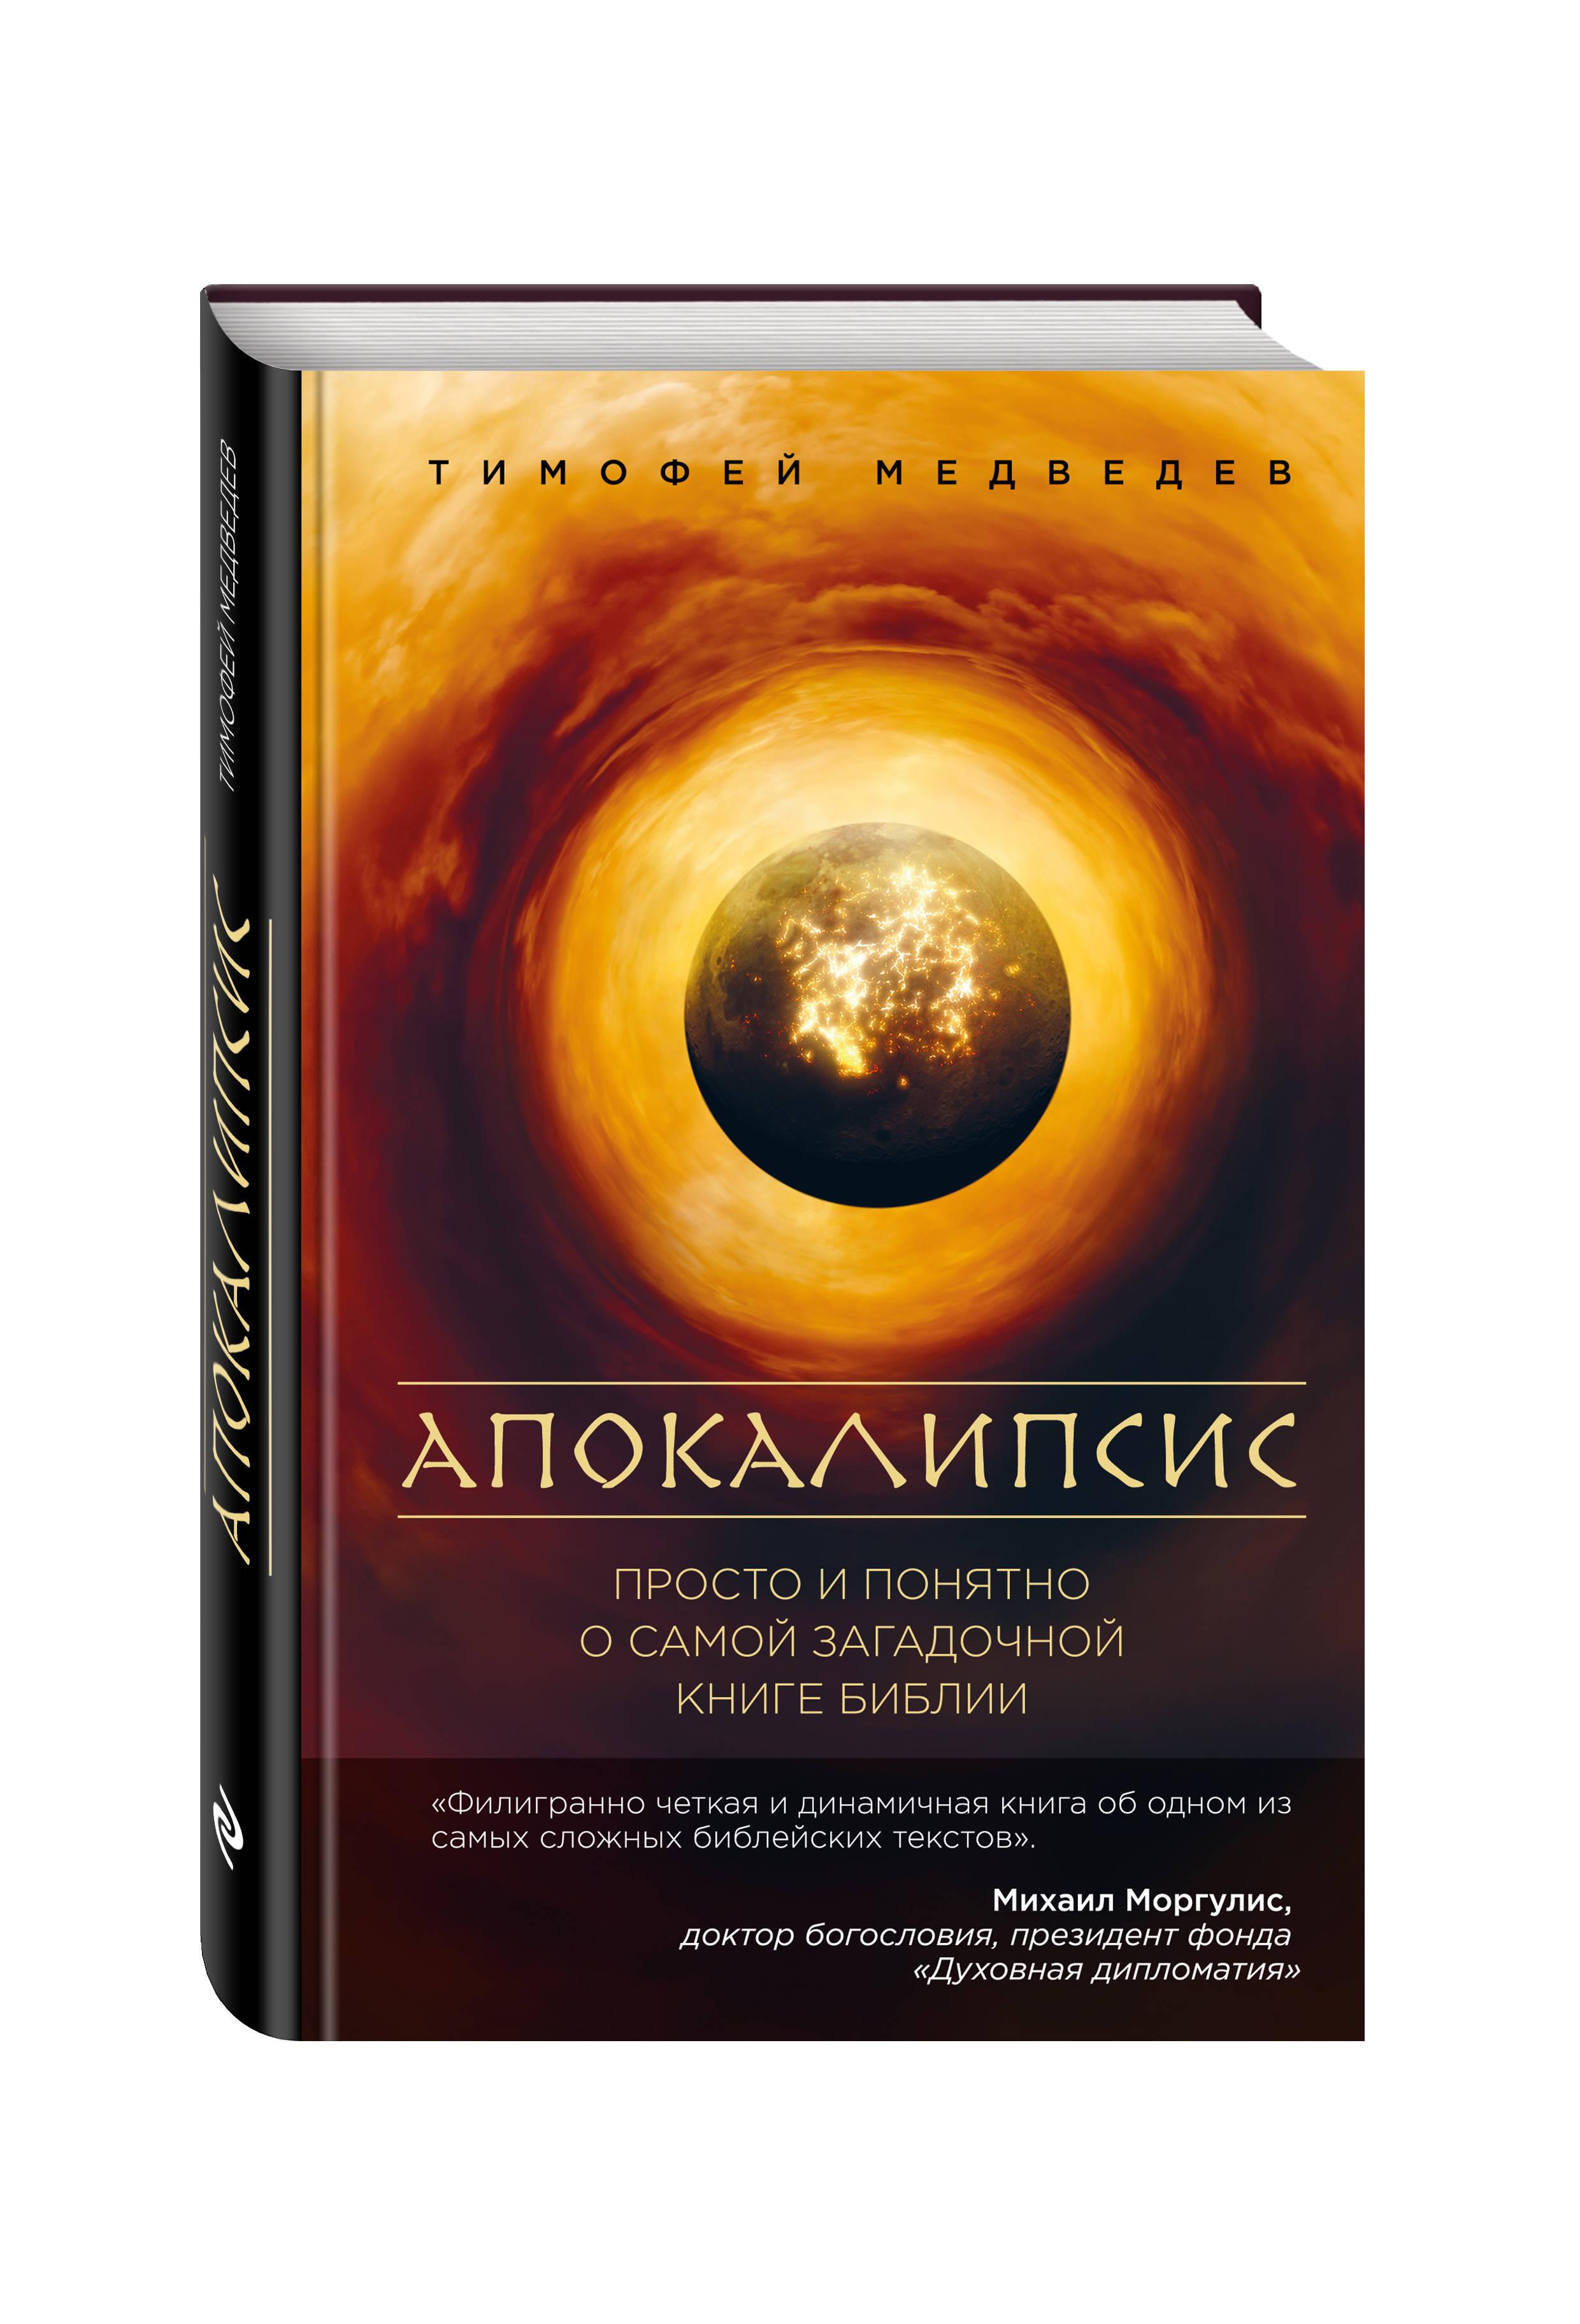 Апокалипсис. Просто и понятно о самой загадочной книге Библии ( Медведев Т.Л.  )